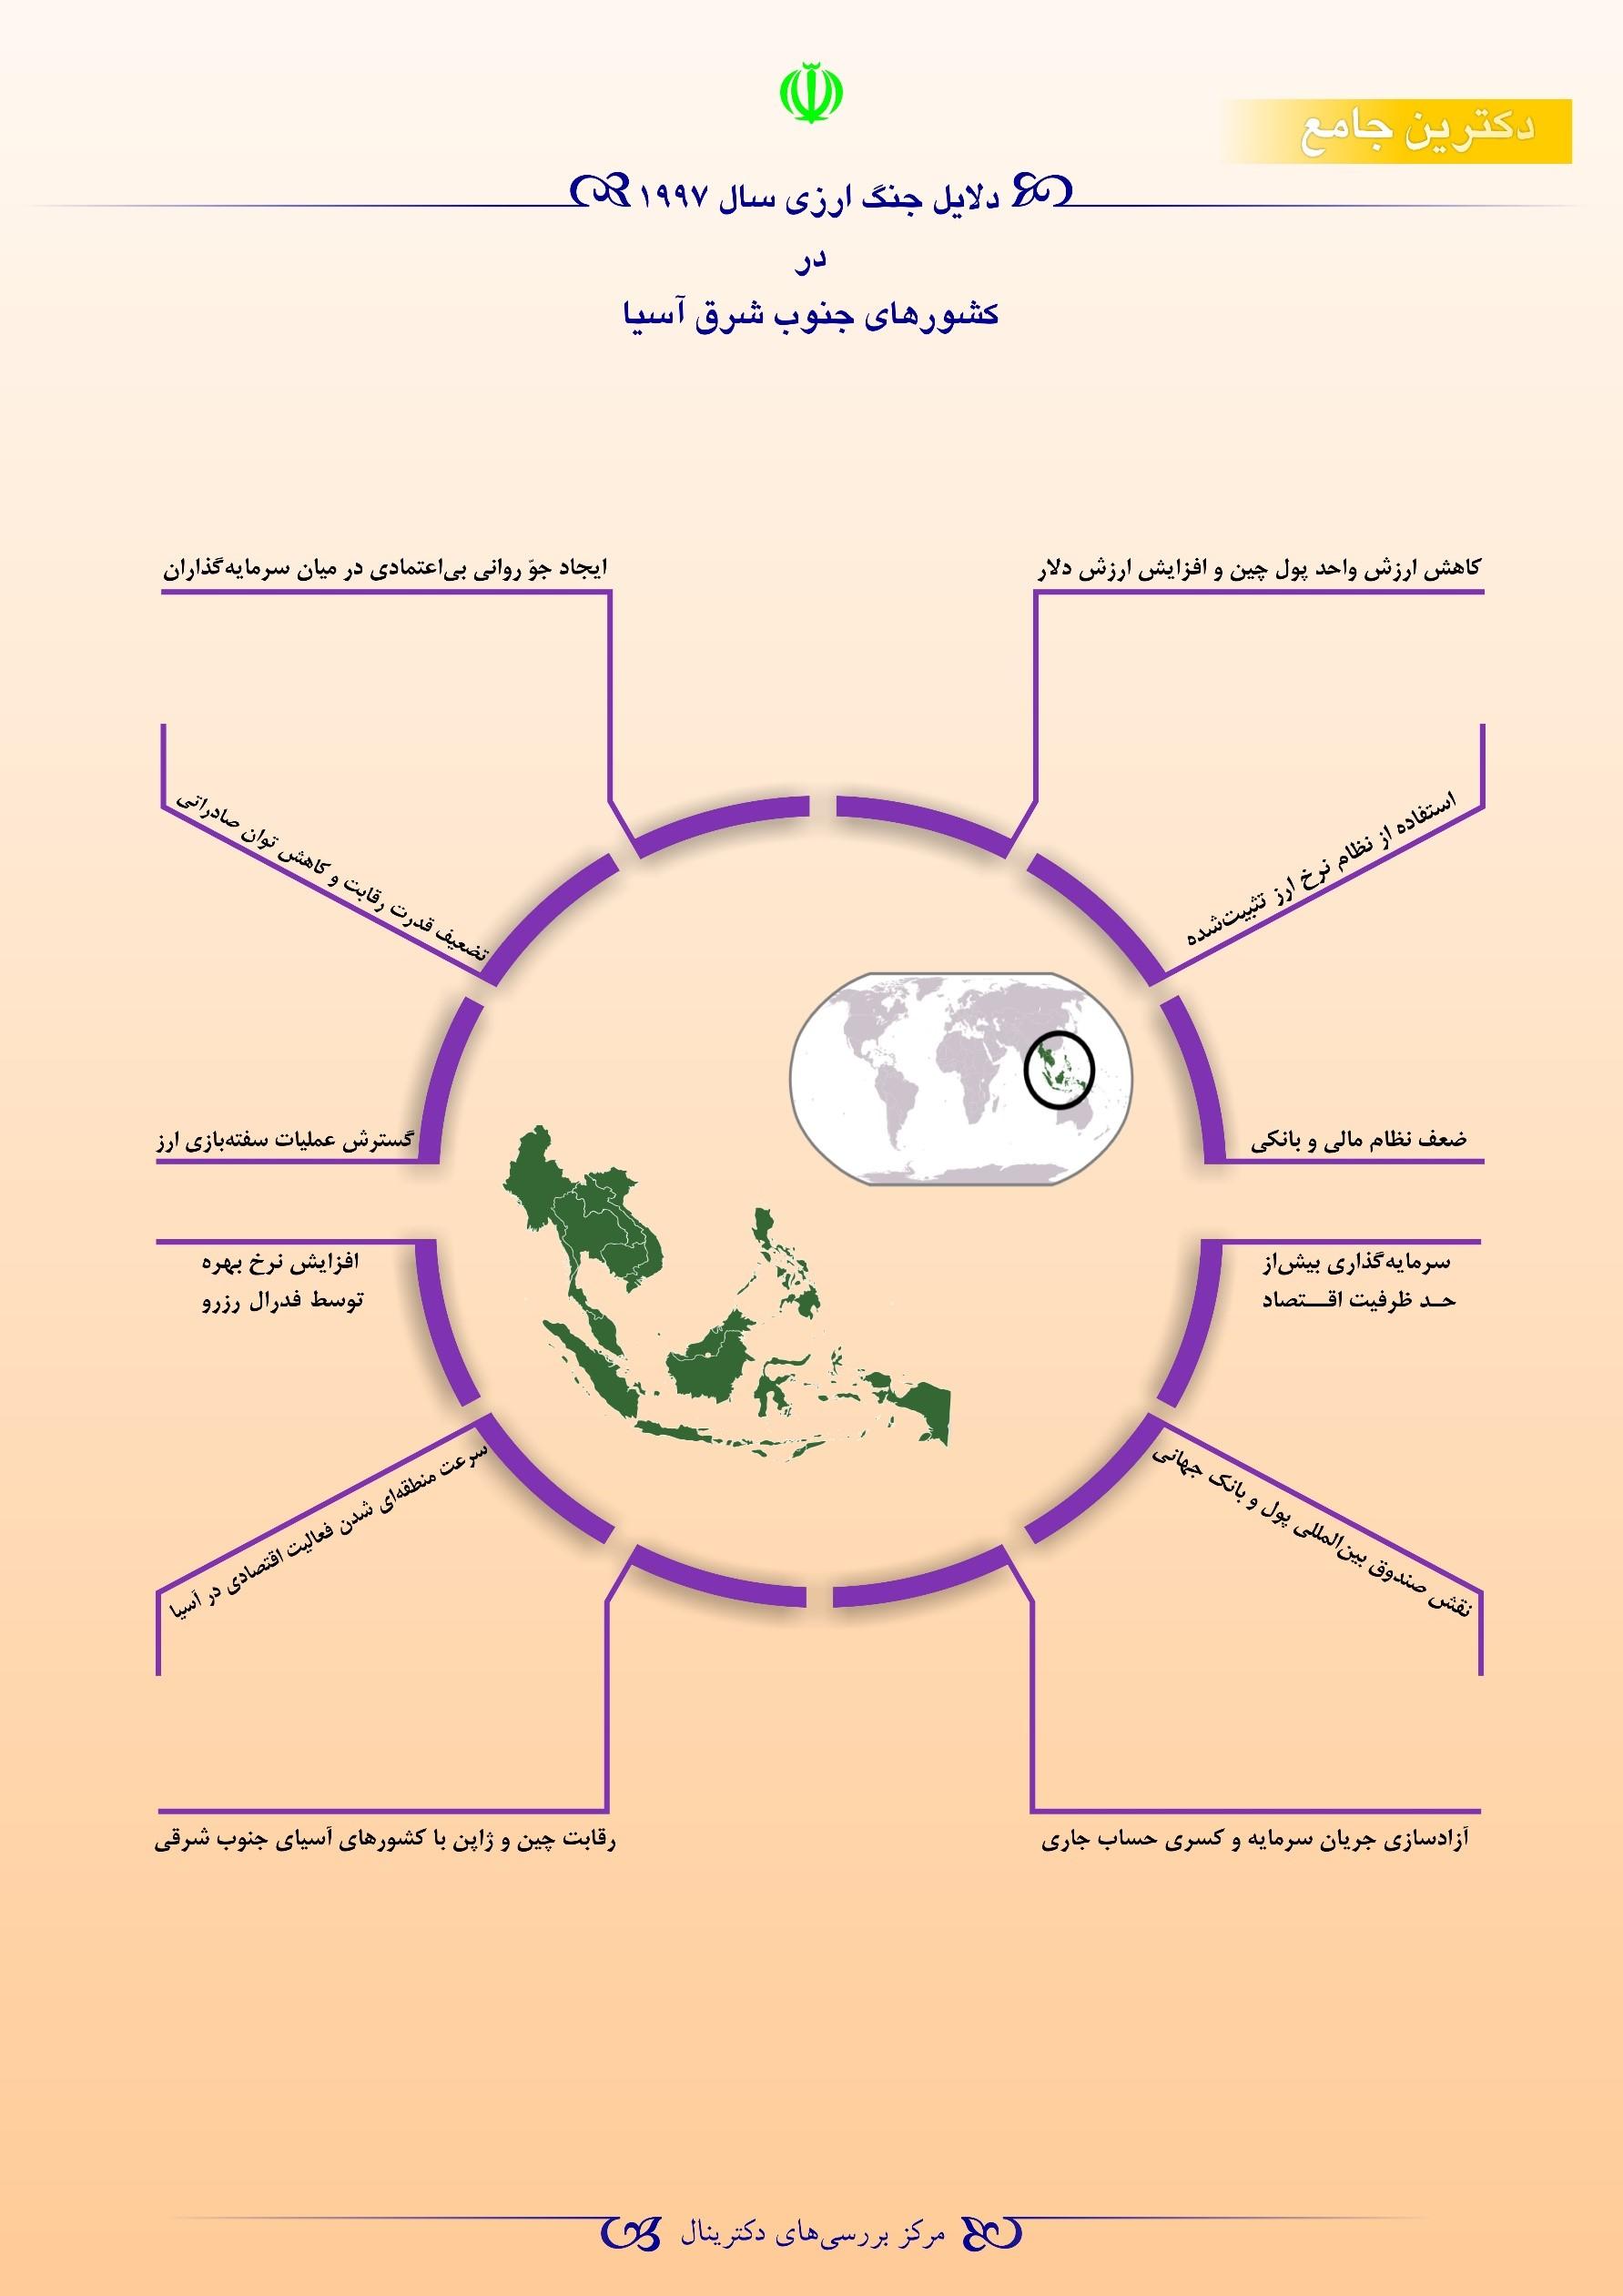 دلایل جنگ ارزی 1997 آسیا